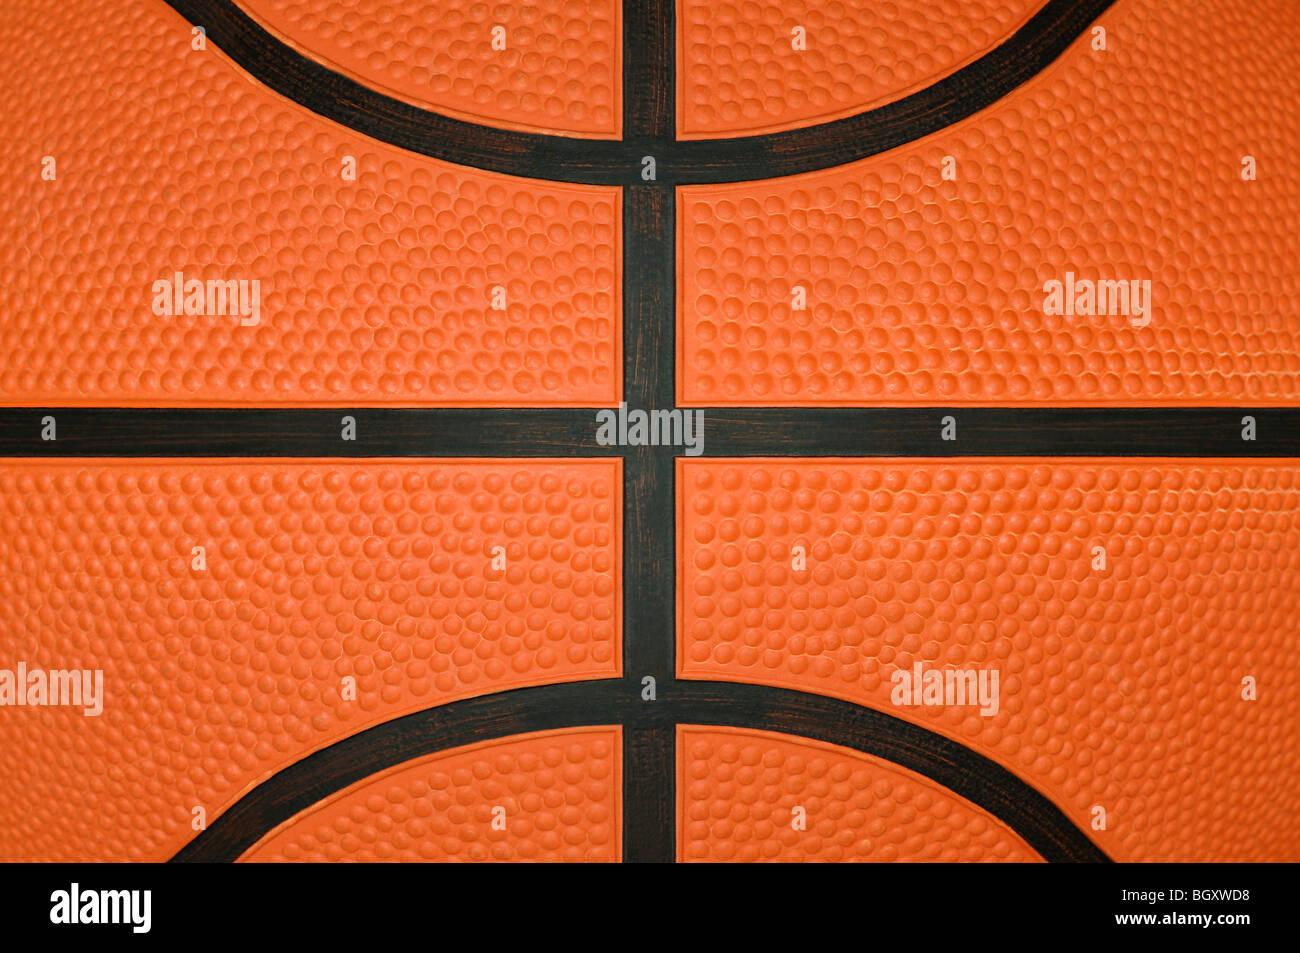 La pallacanestro Close Up Immagini Stock